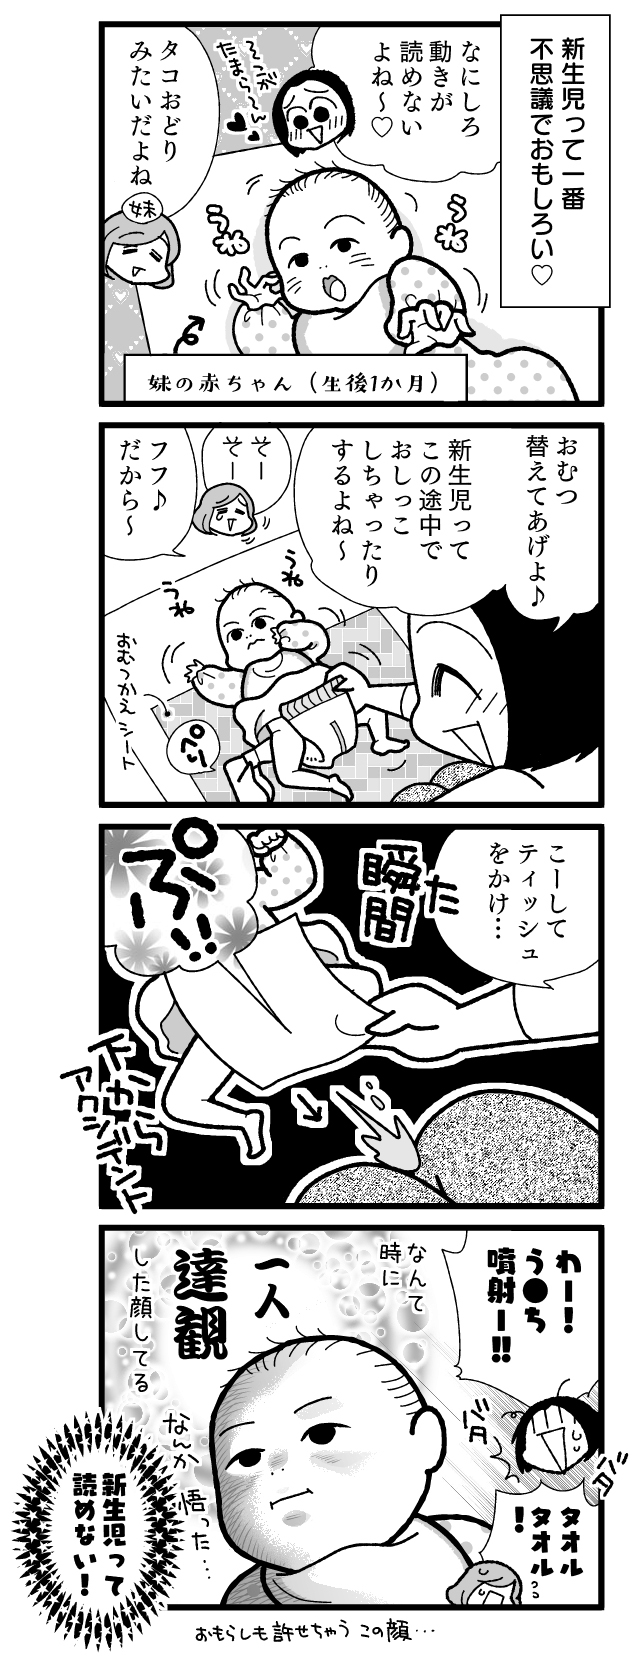 漫画『怒濤のにゅーじヨージ』Vol.208「新生児には勝てない!」 1コマ目